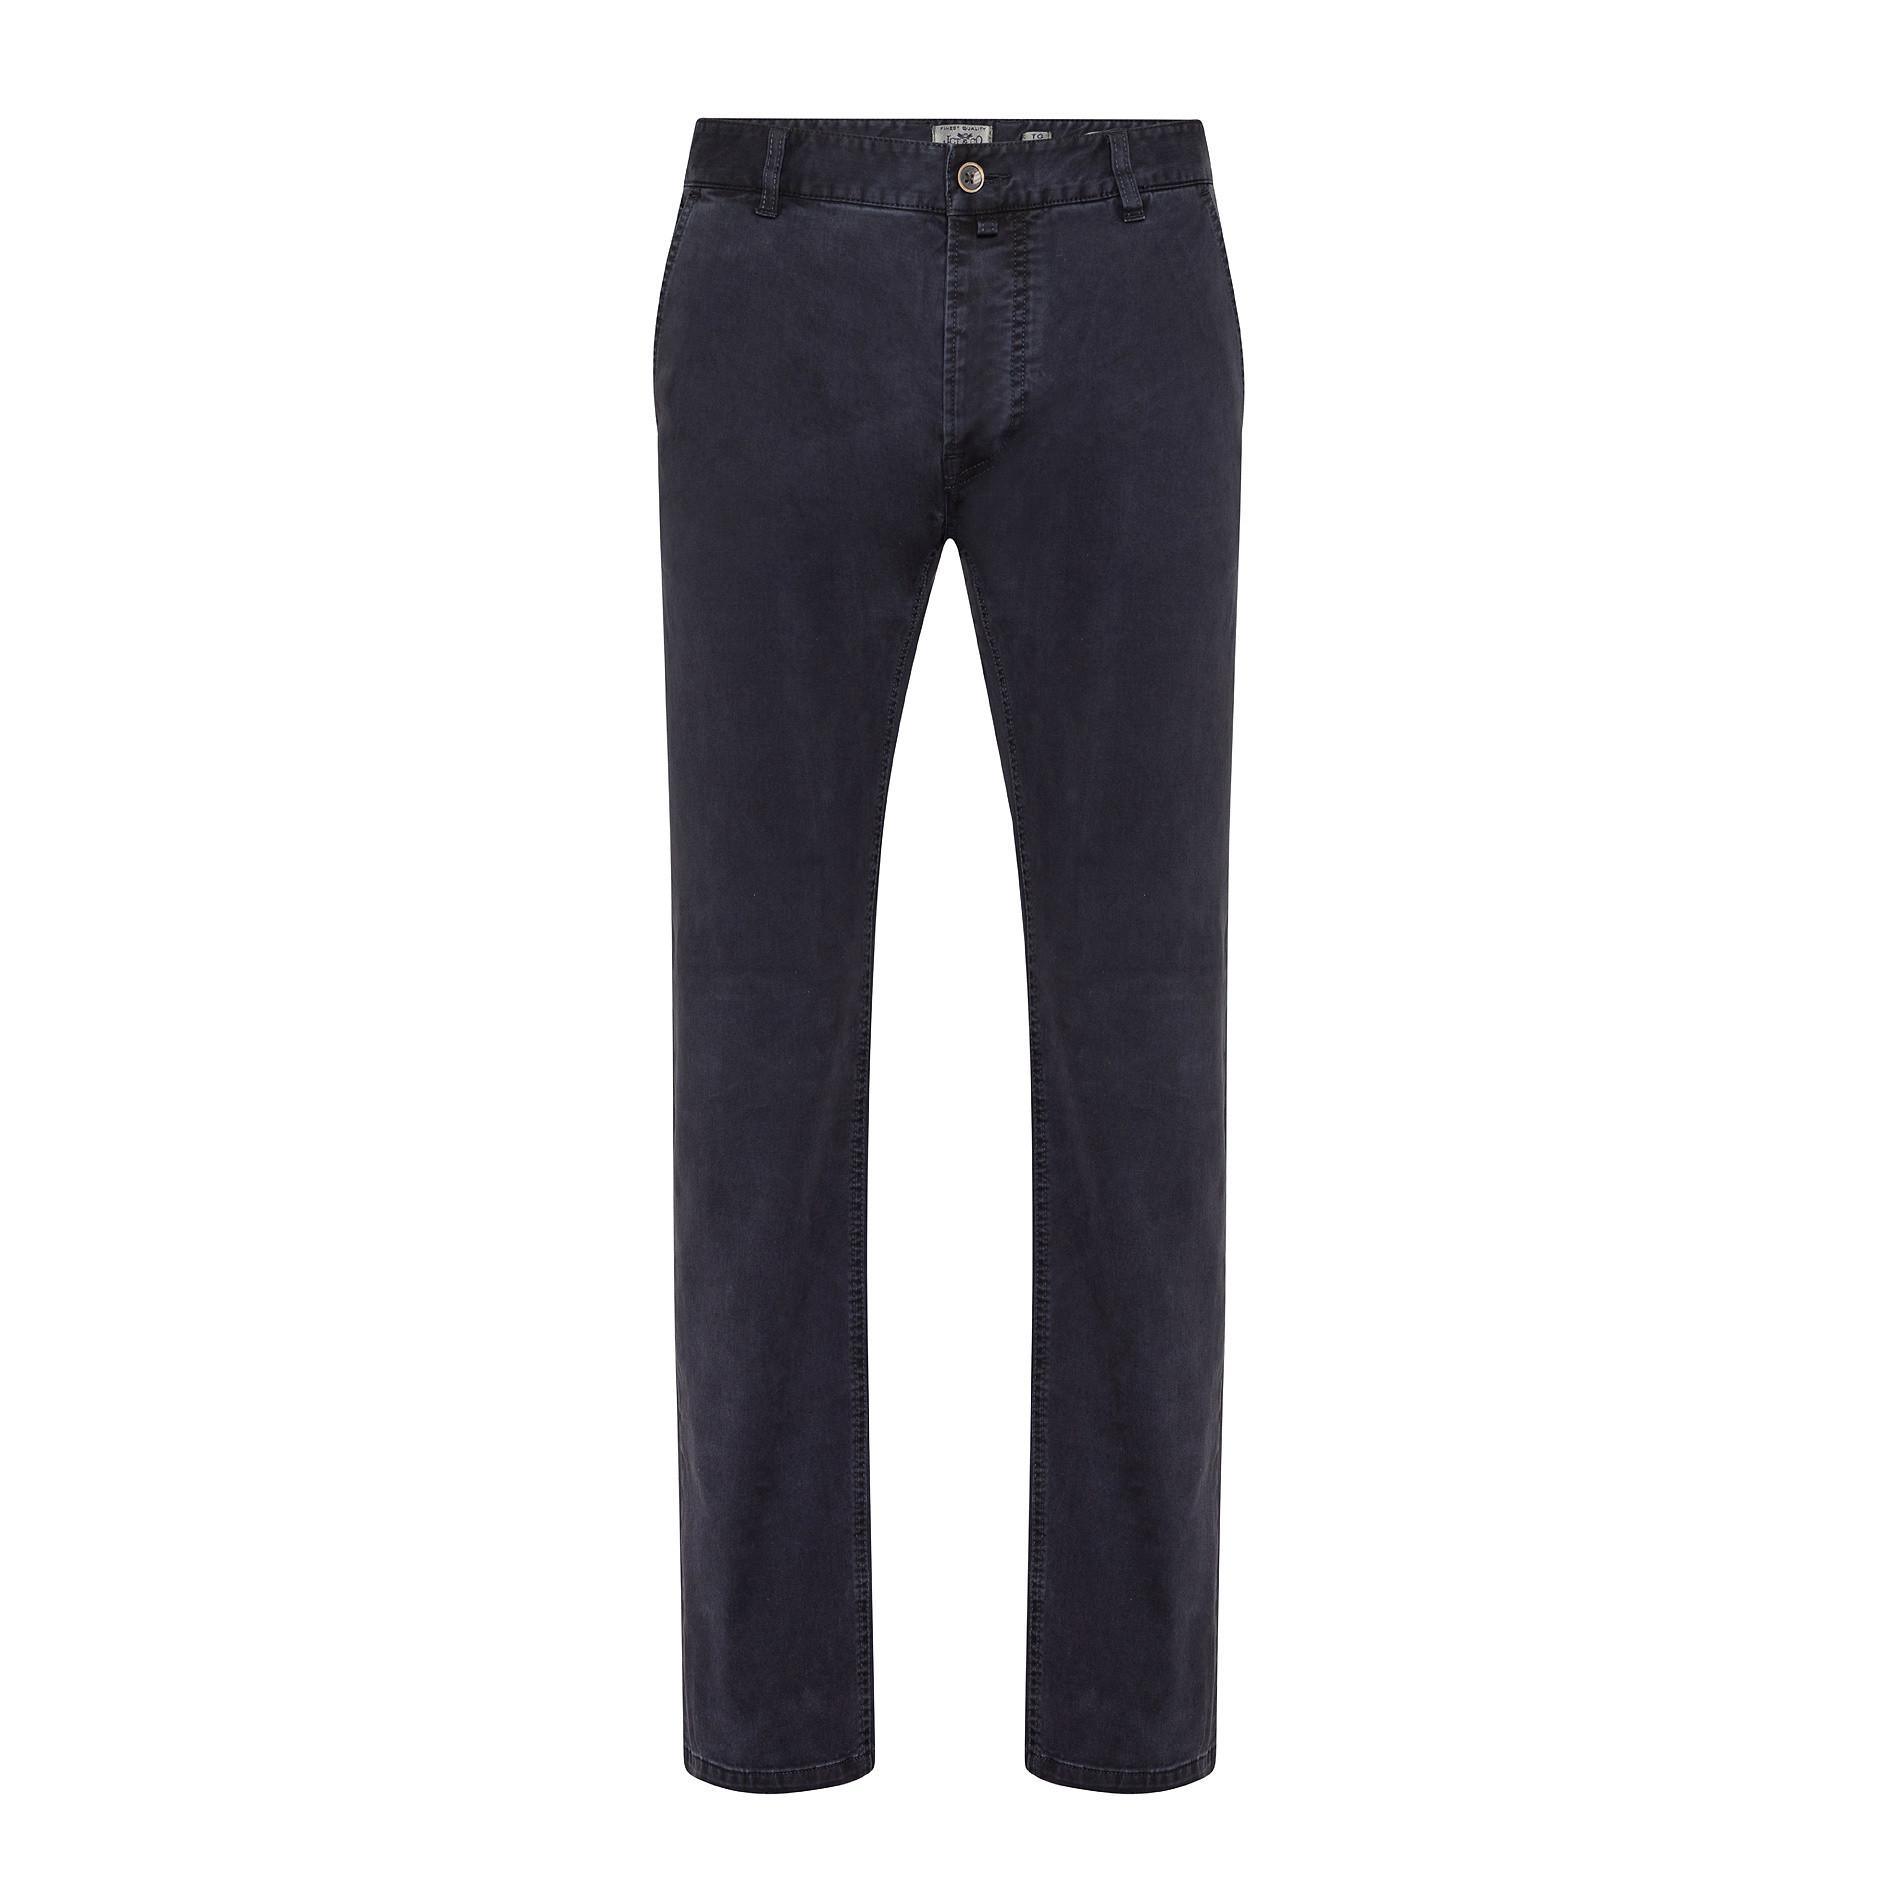 Pantaloni chino in tessuto stretch, Blu scuro, large image number 1